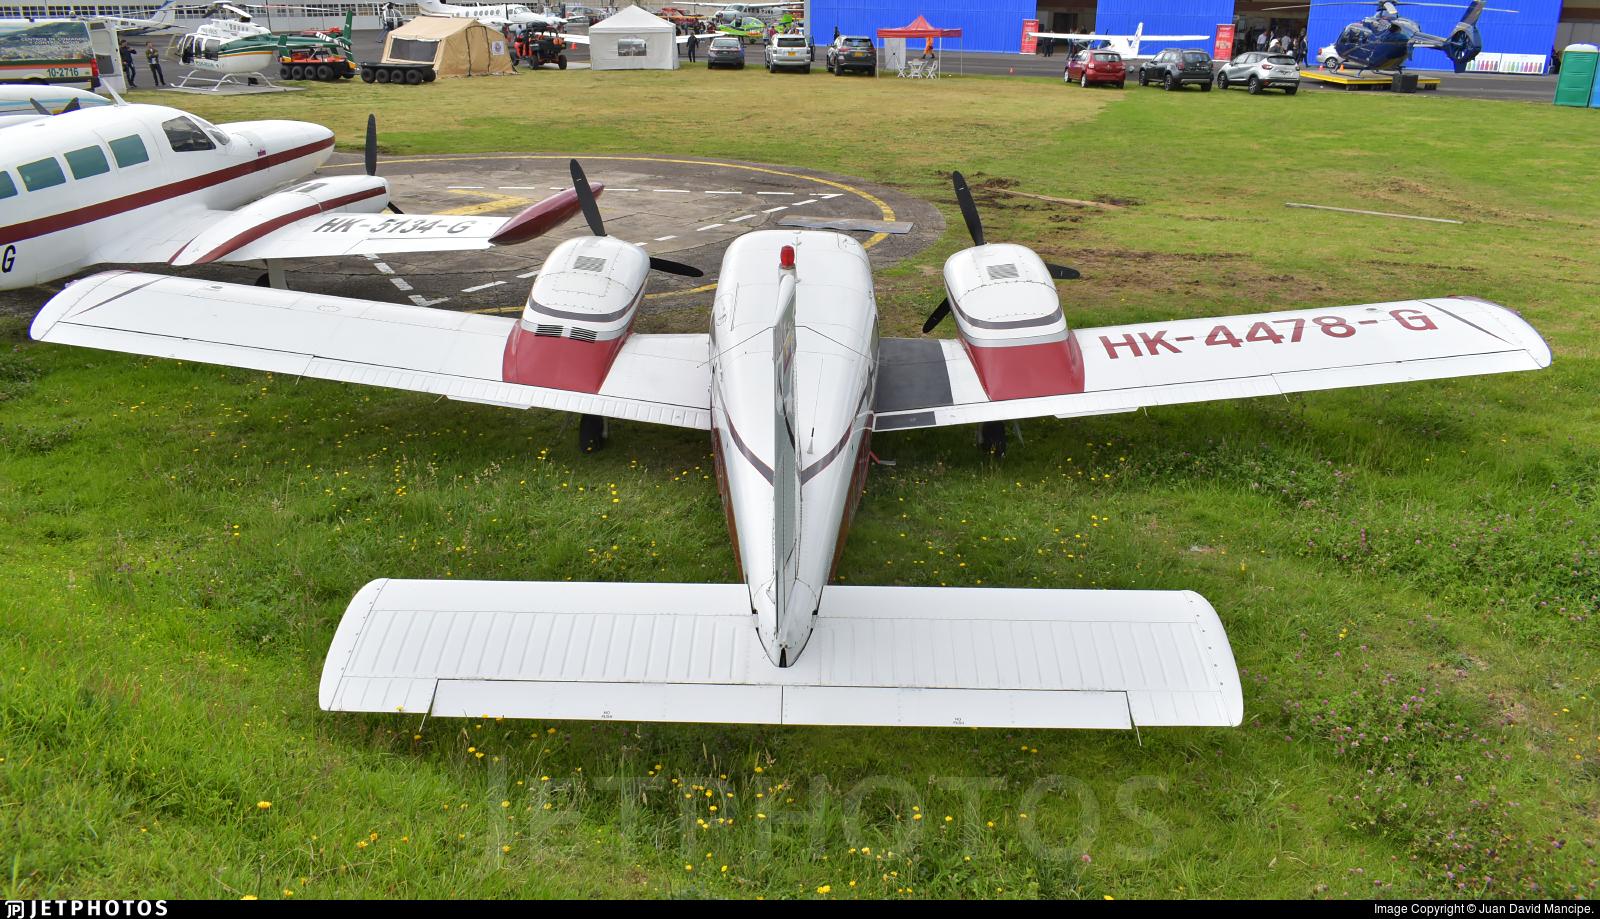 HK-4478-G - Piper PA-34-220 Seneca III - Private